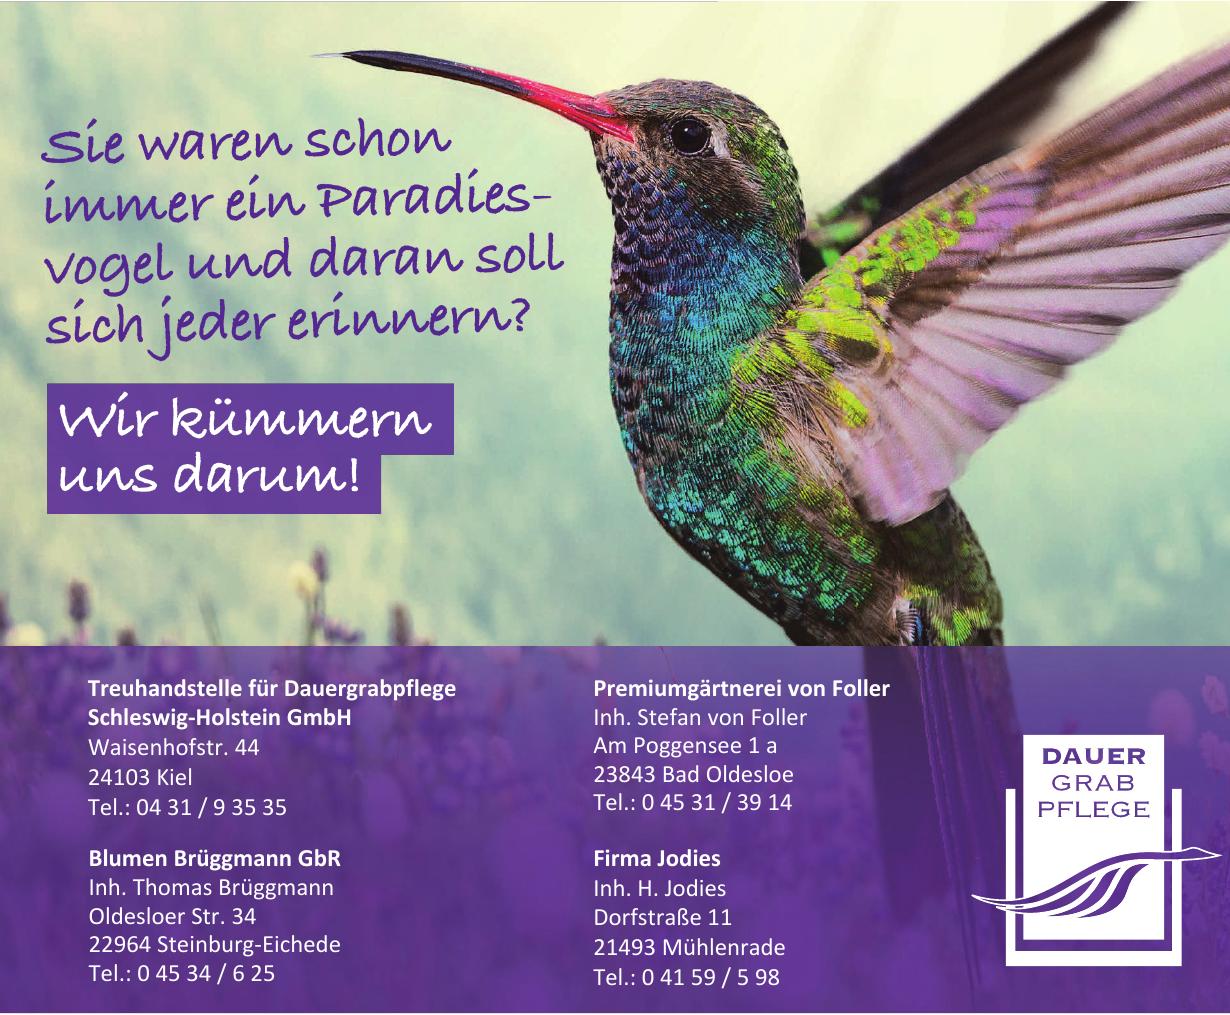 Treuhandstelle für Dauergrabpflege Schleswig-Holstein GmbH